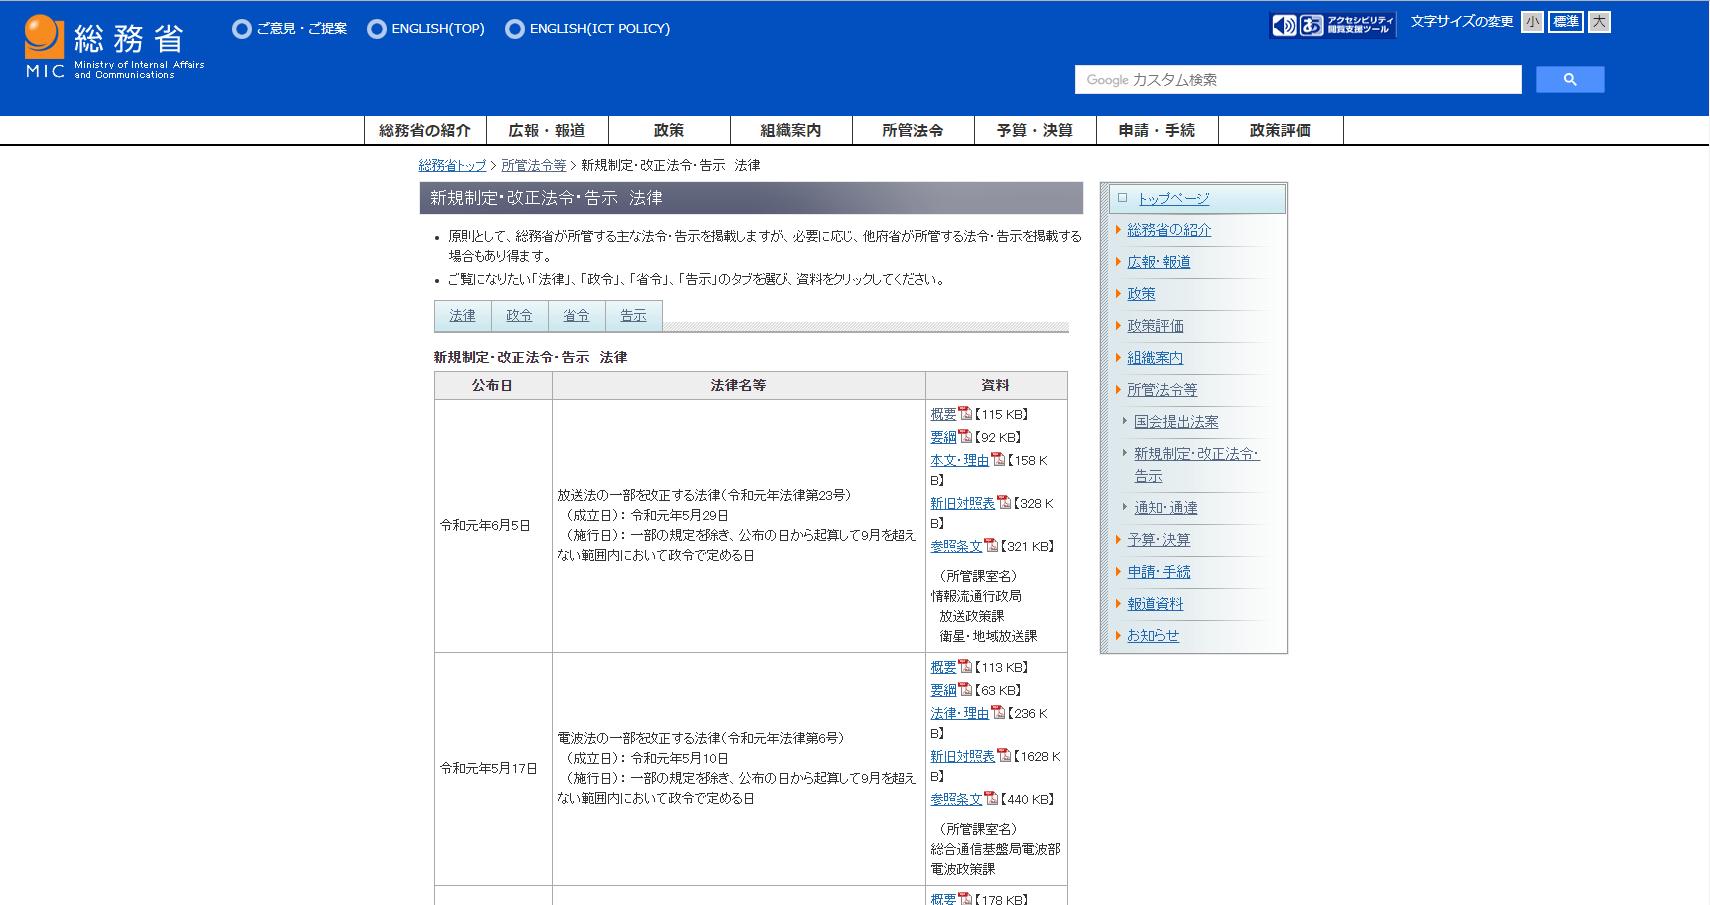 総務省 Webサイト